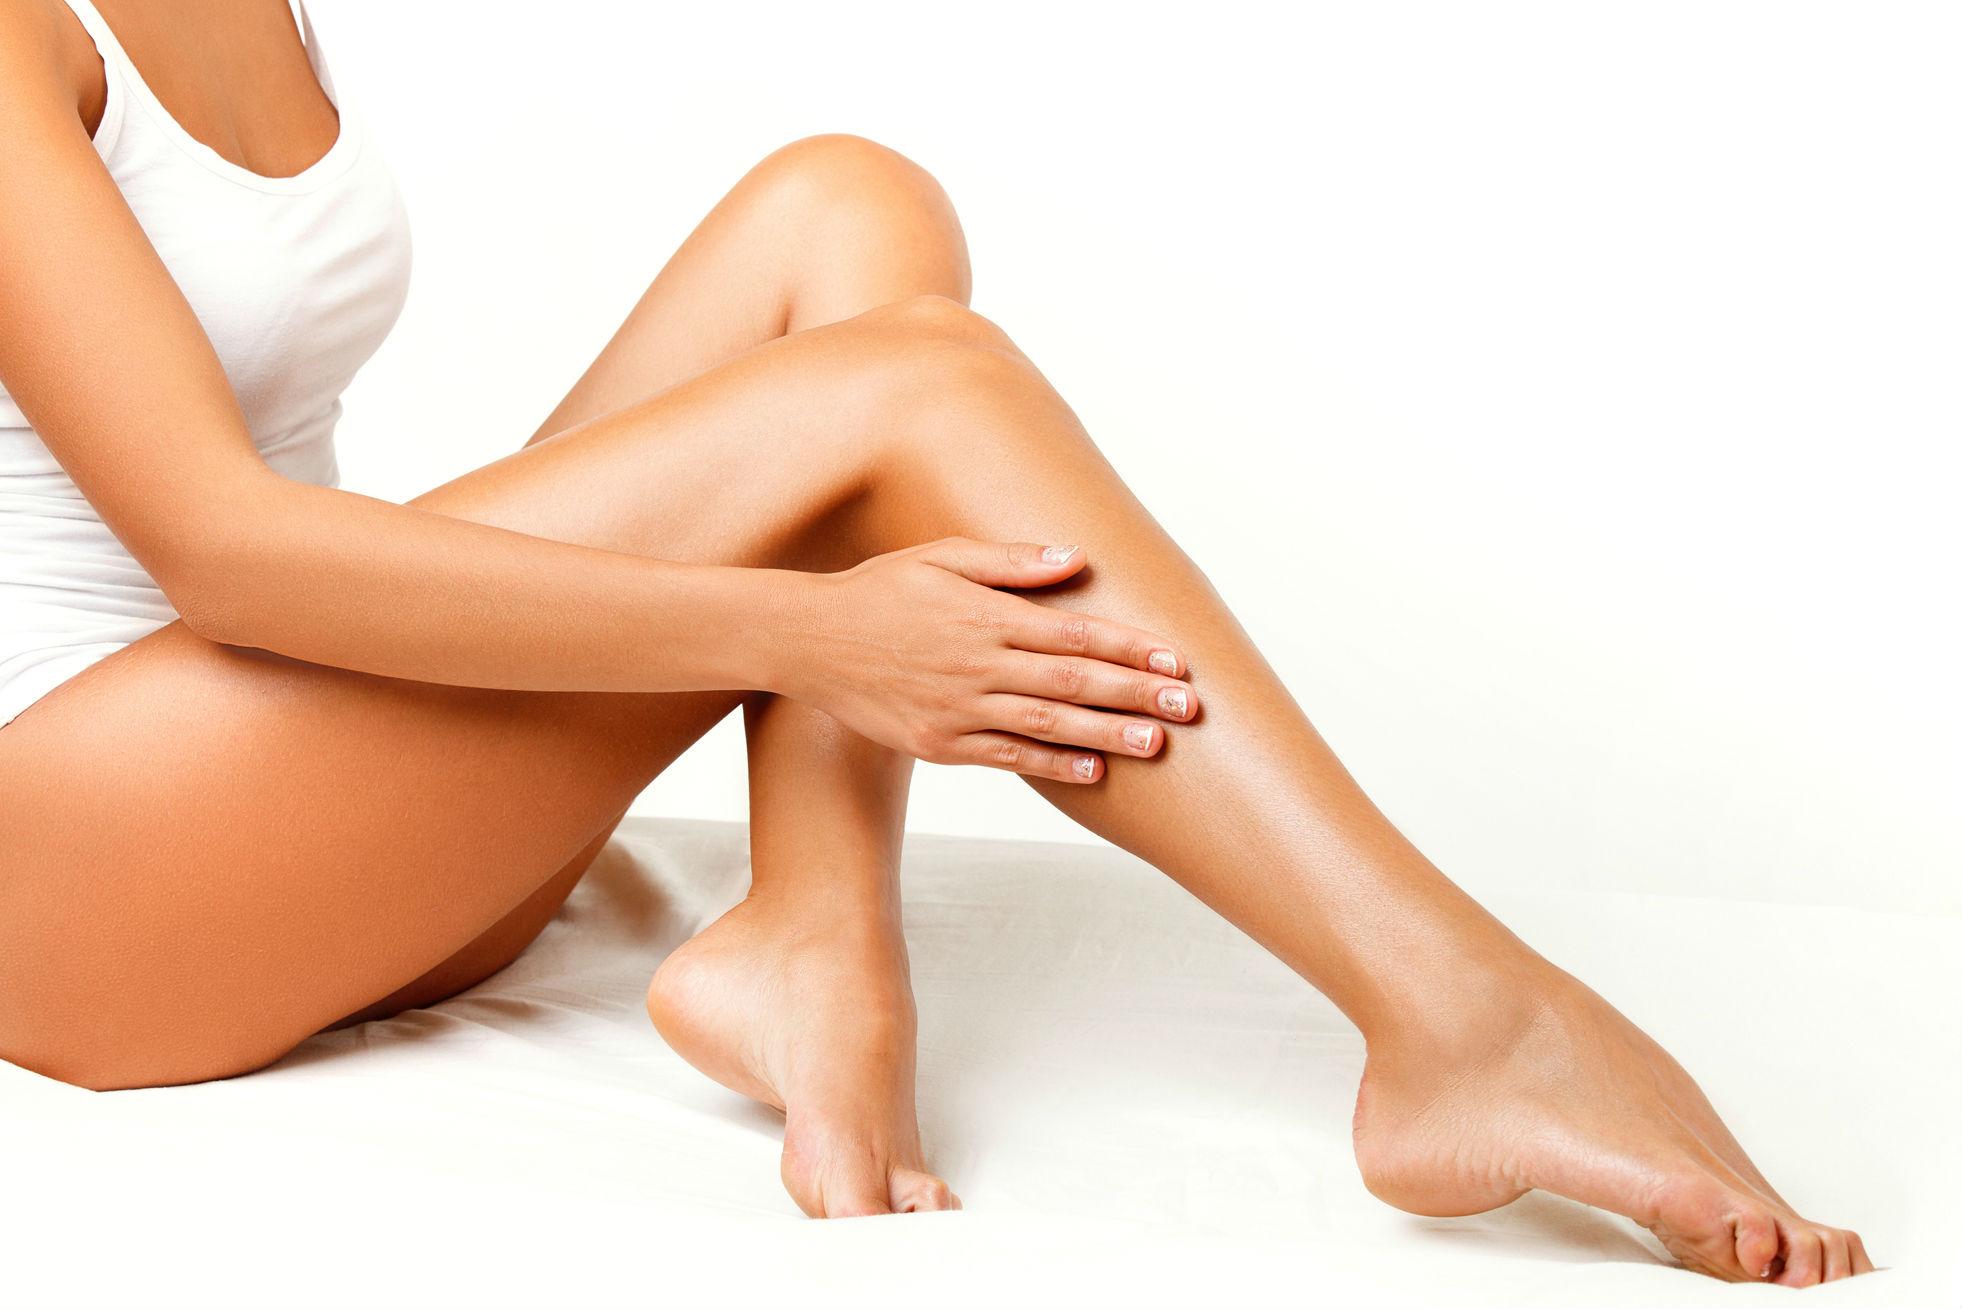 Depilação nas pernas